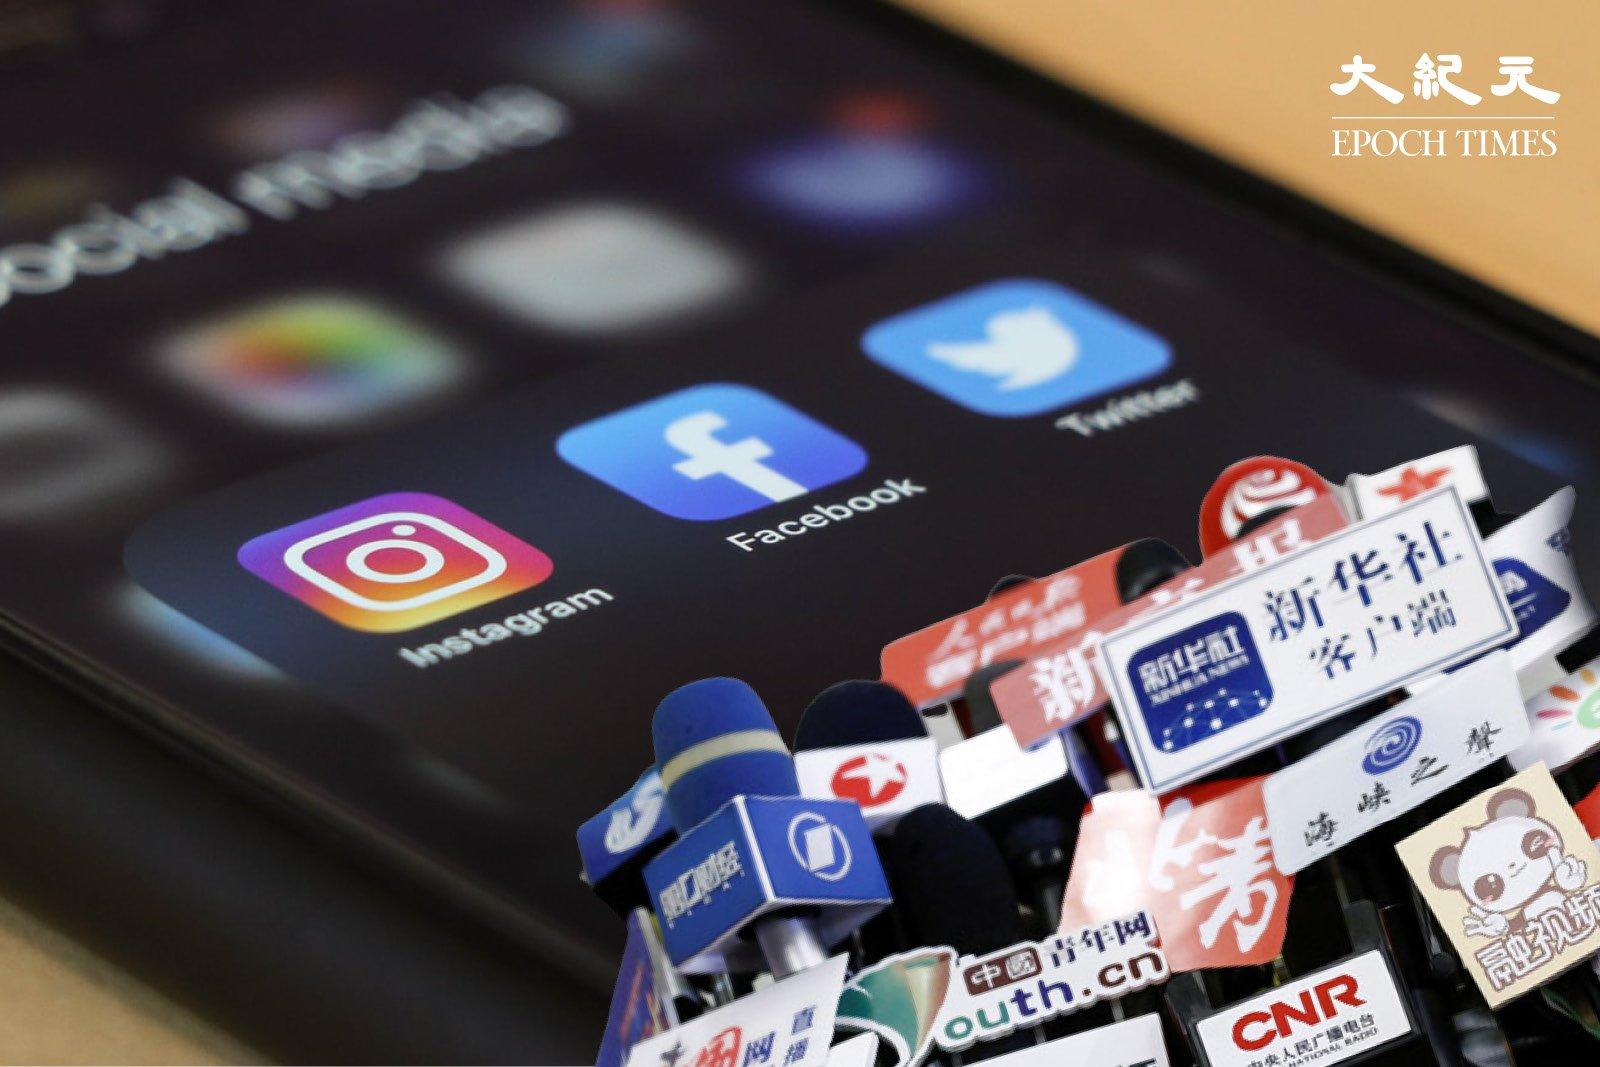 中共大外宣產業鏈透過Twitter和Facebook等平台散佈假消息。(大紀元製圖)